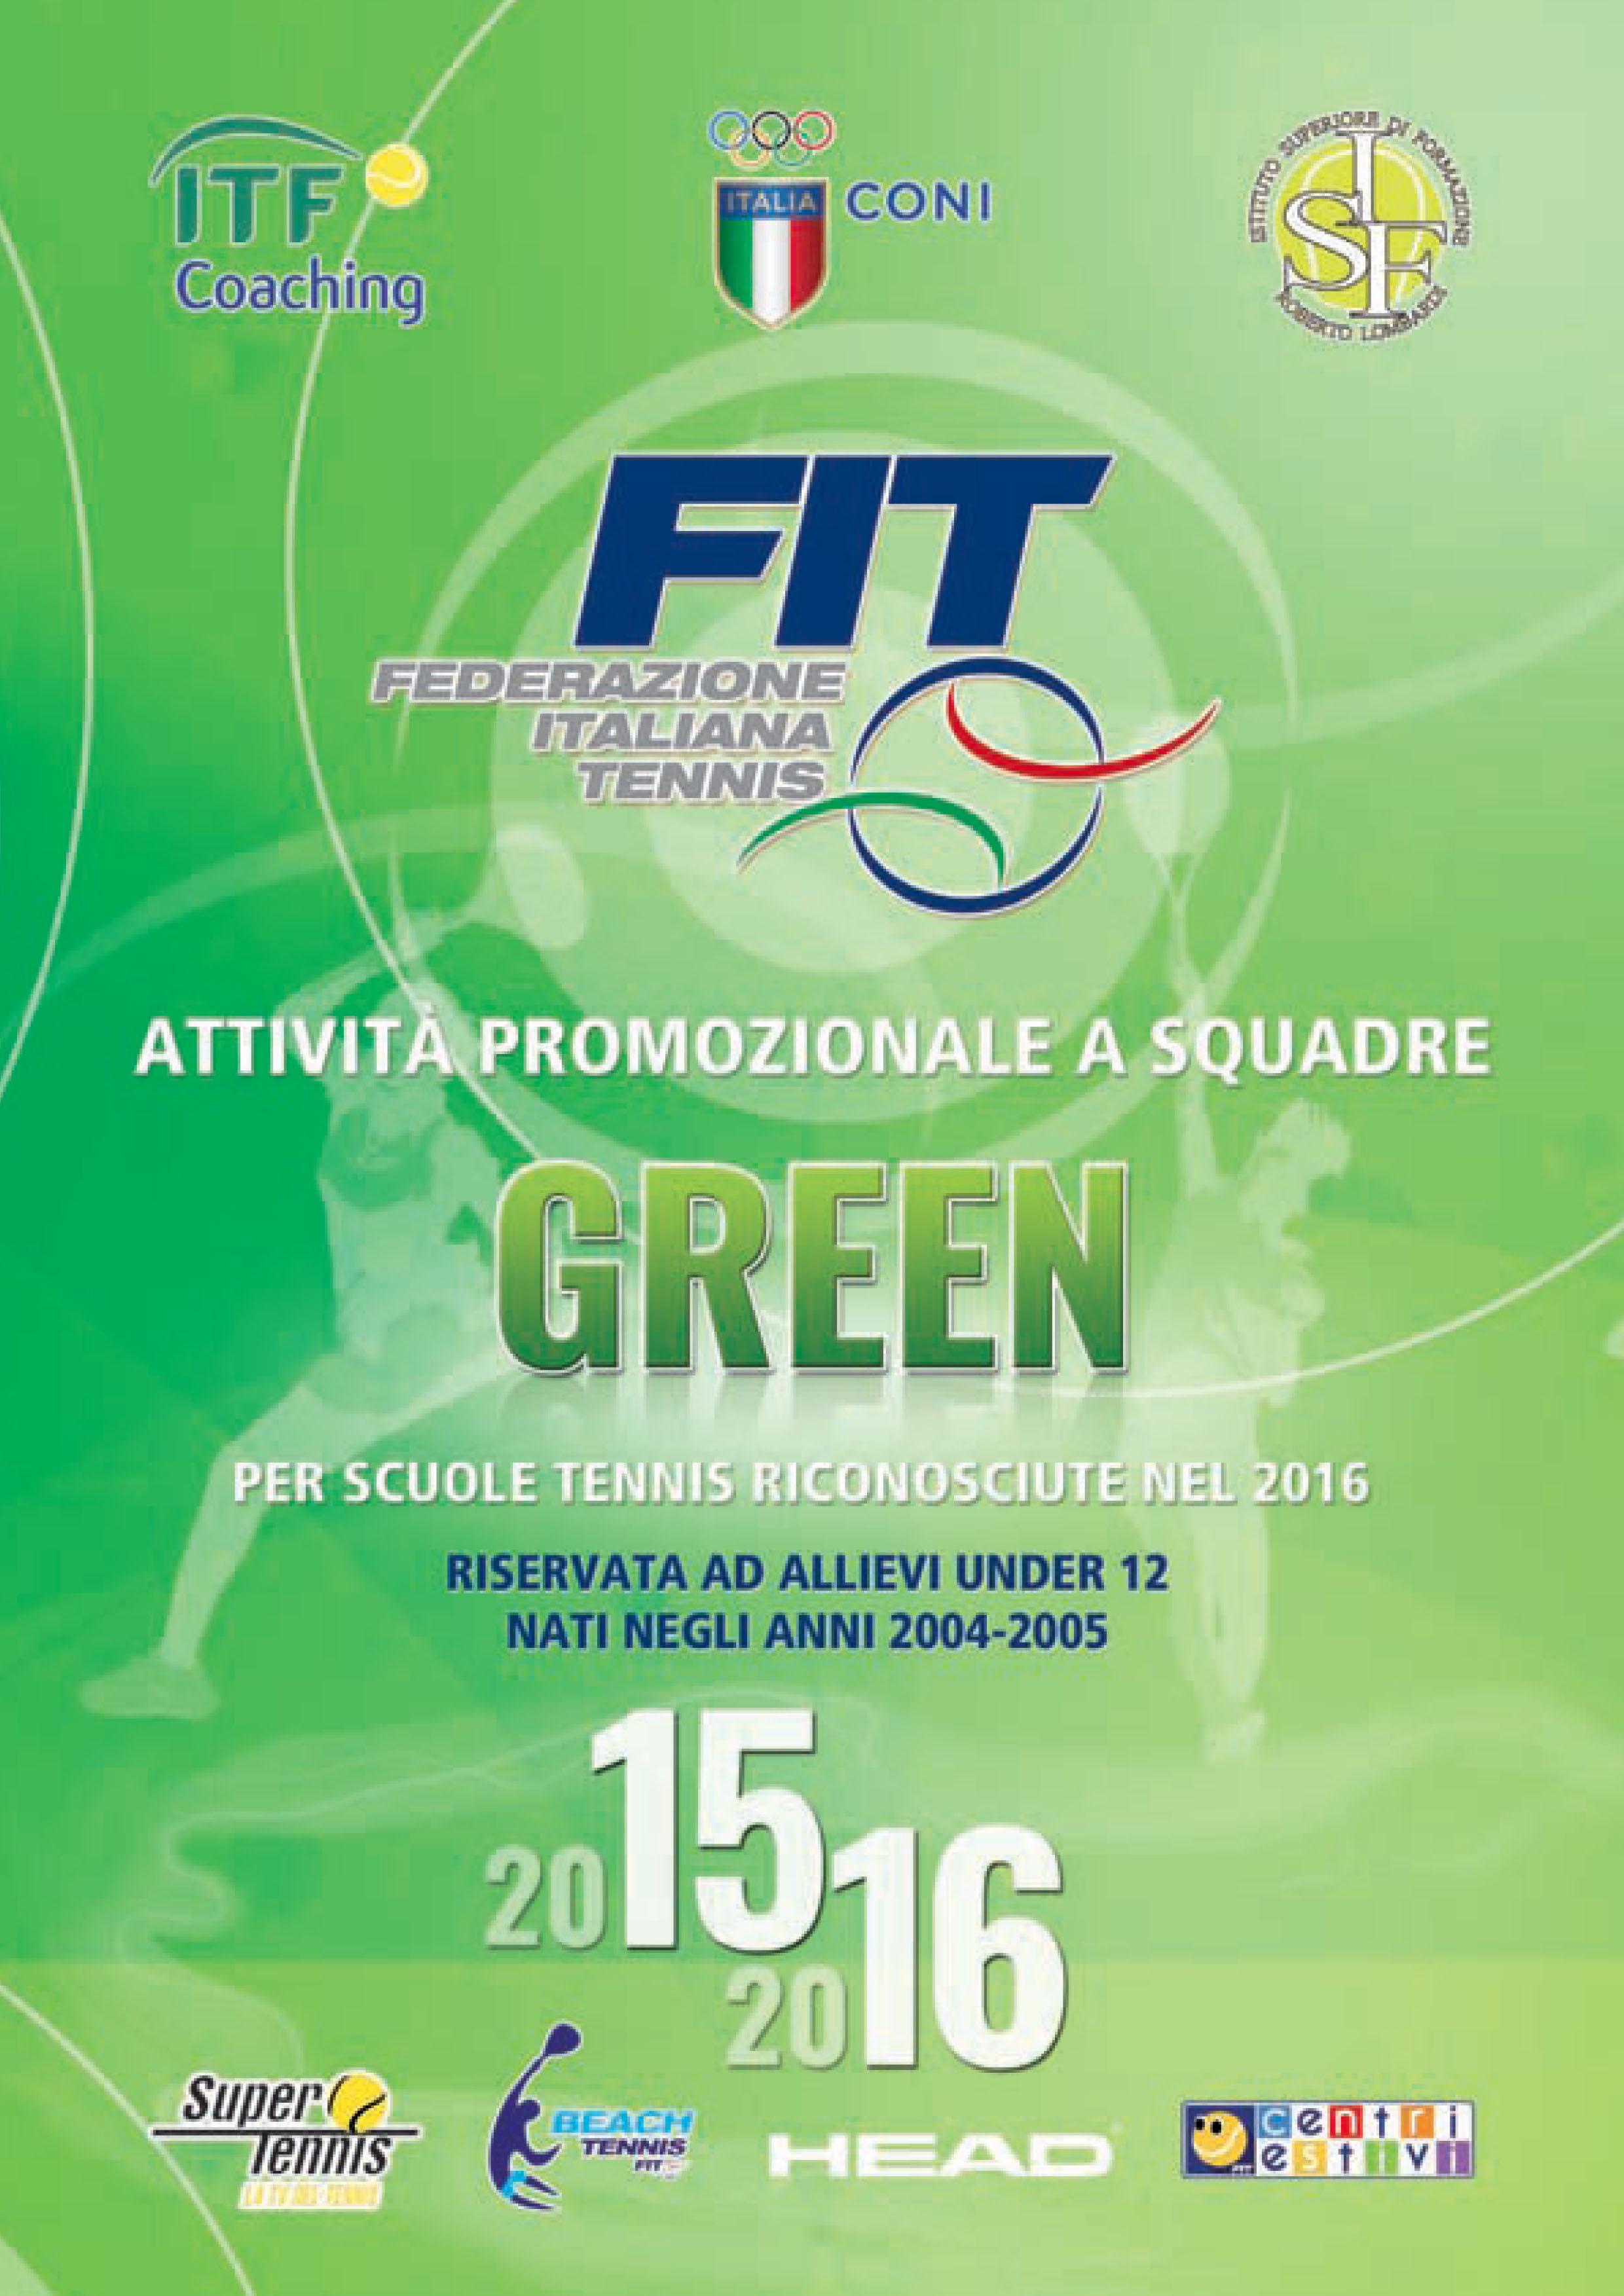 Campionati Promo Green